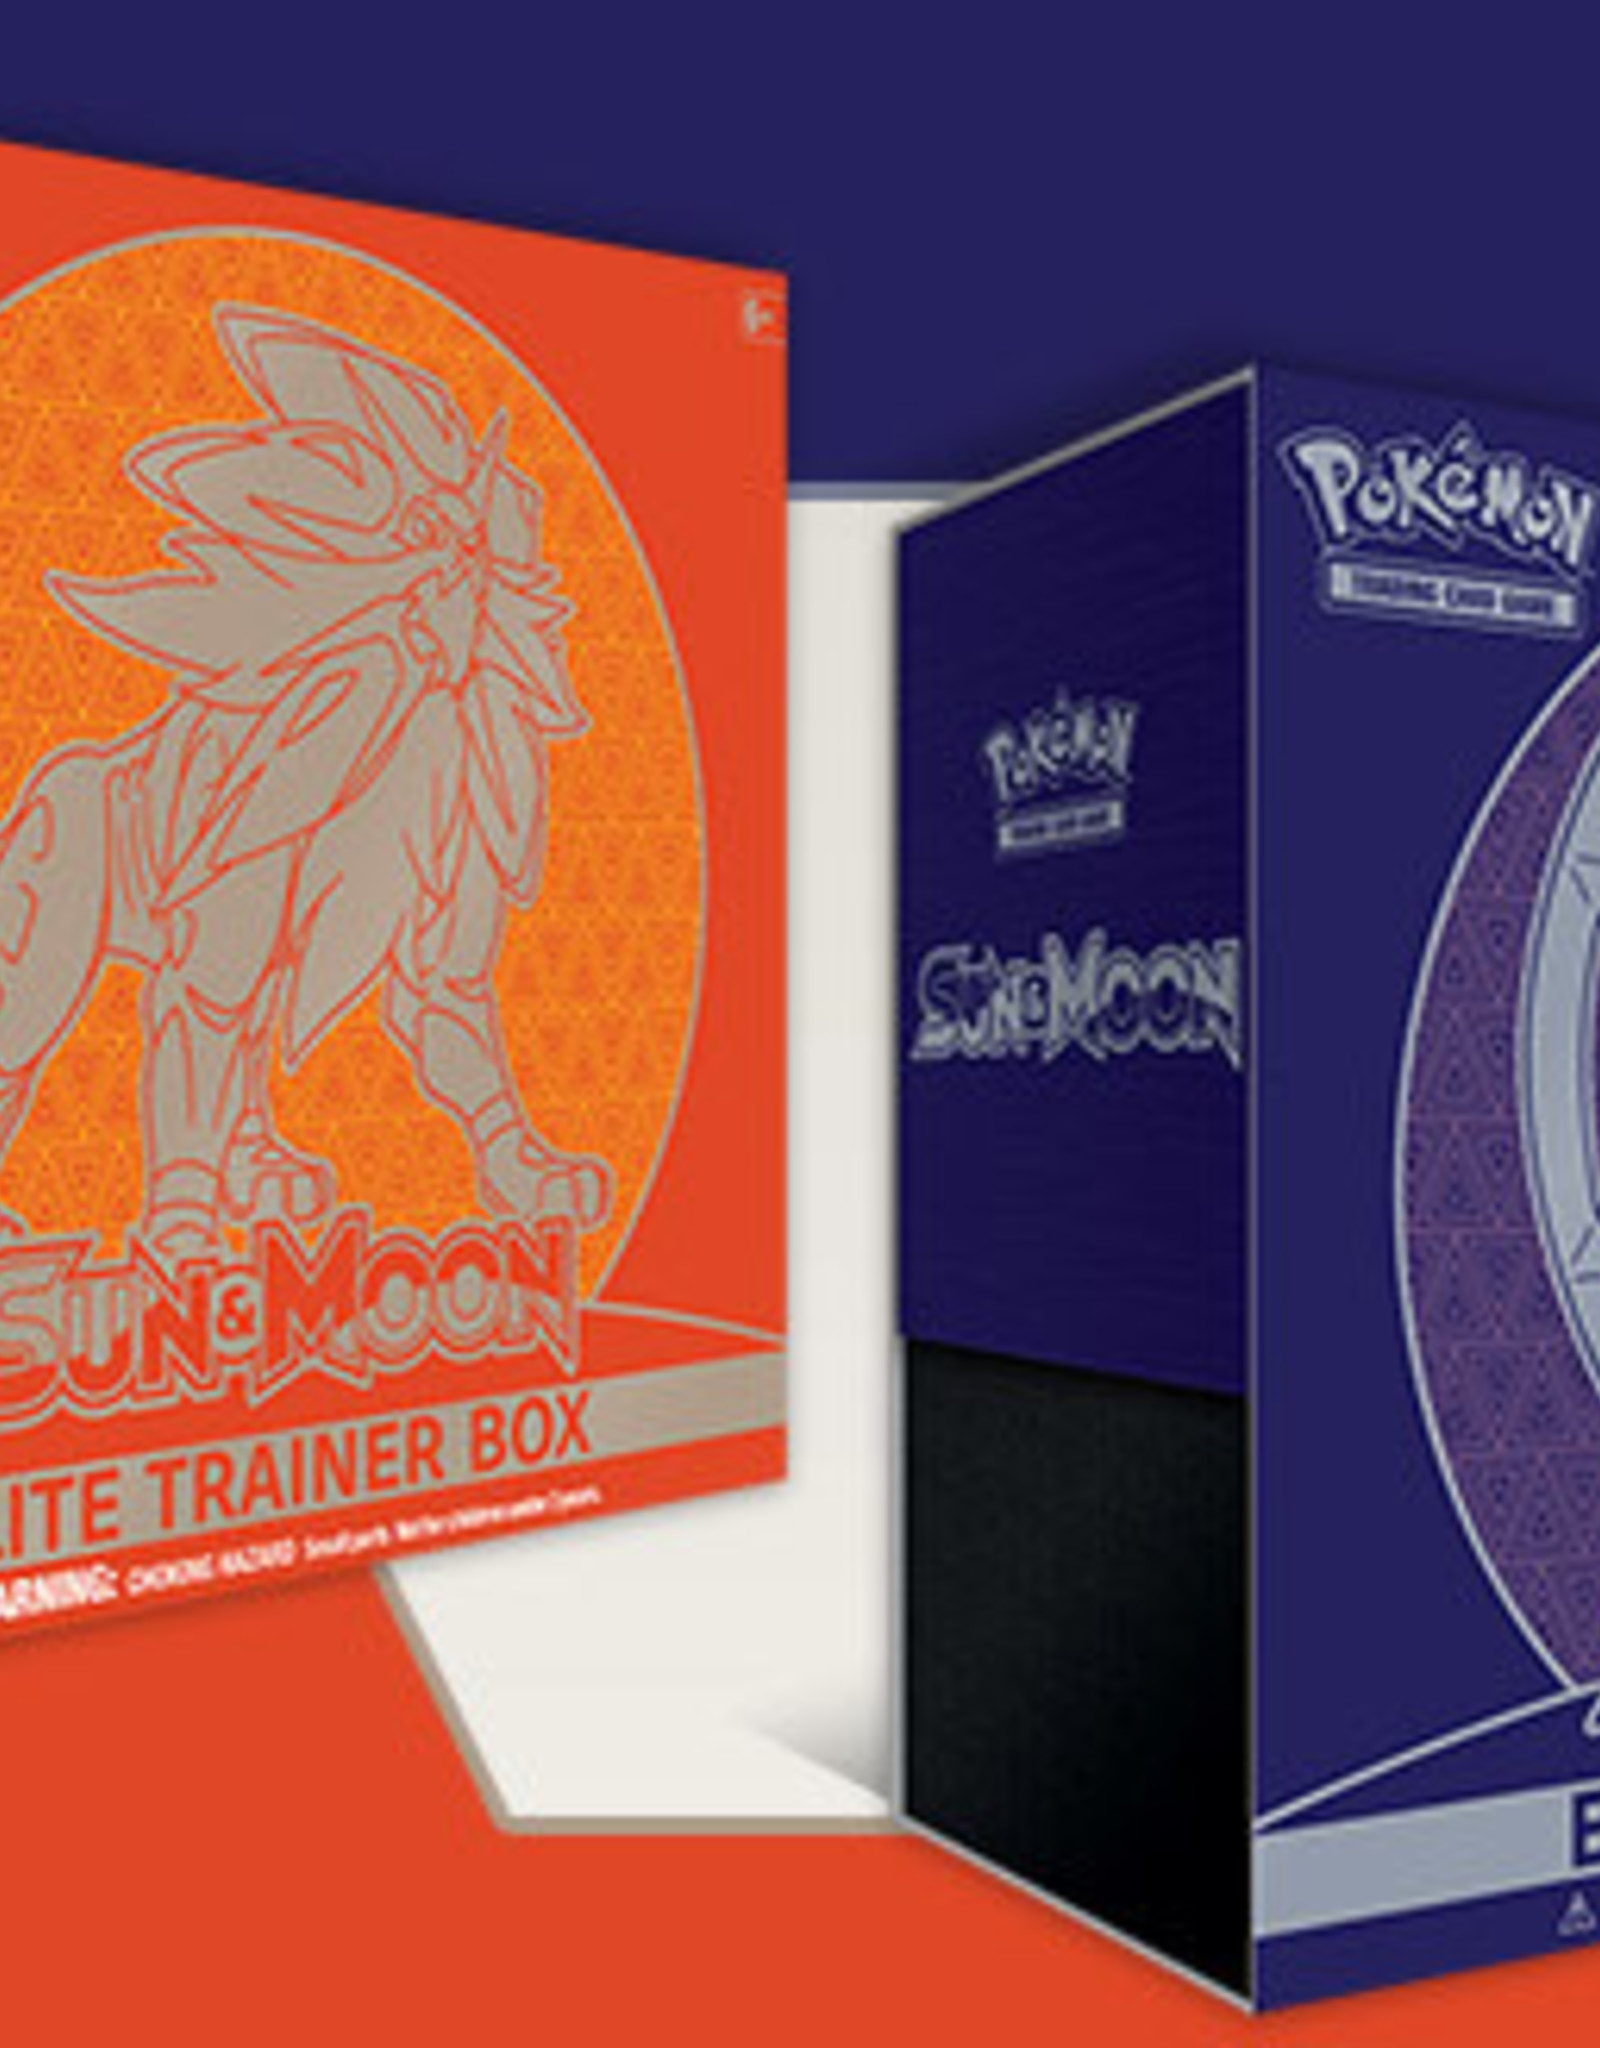 Pokemon Pokemon Sun & Moon Elite Trainer Box